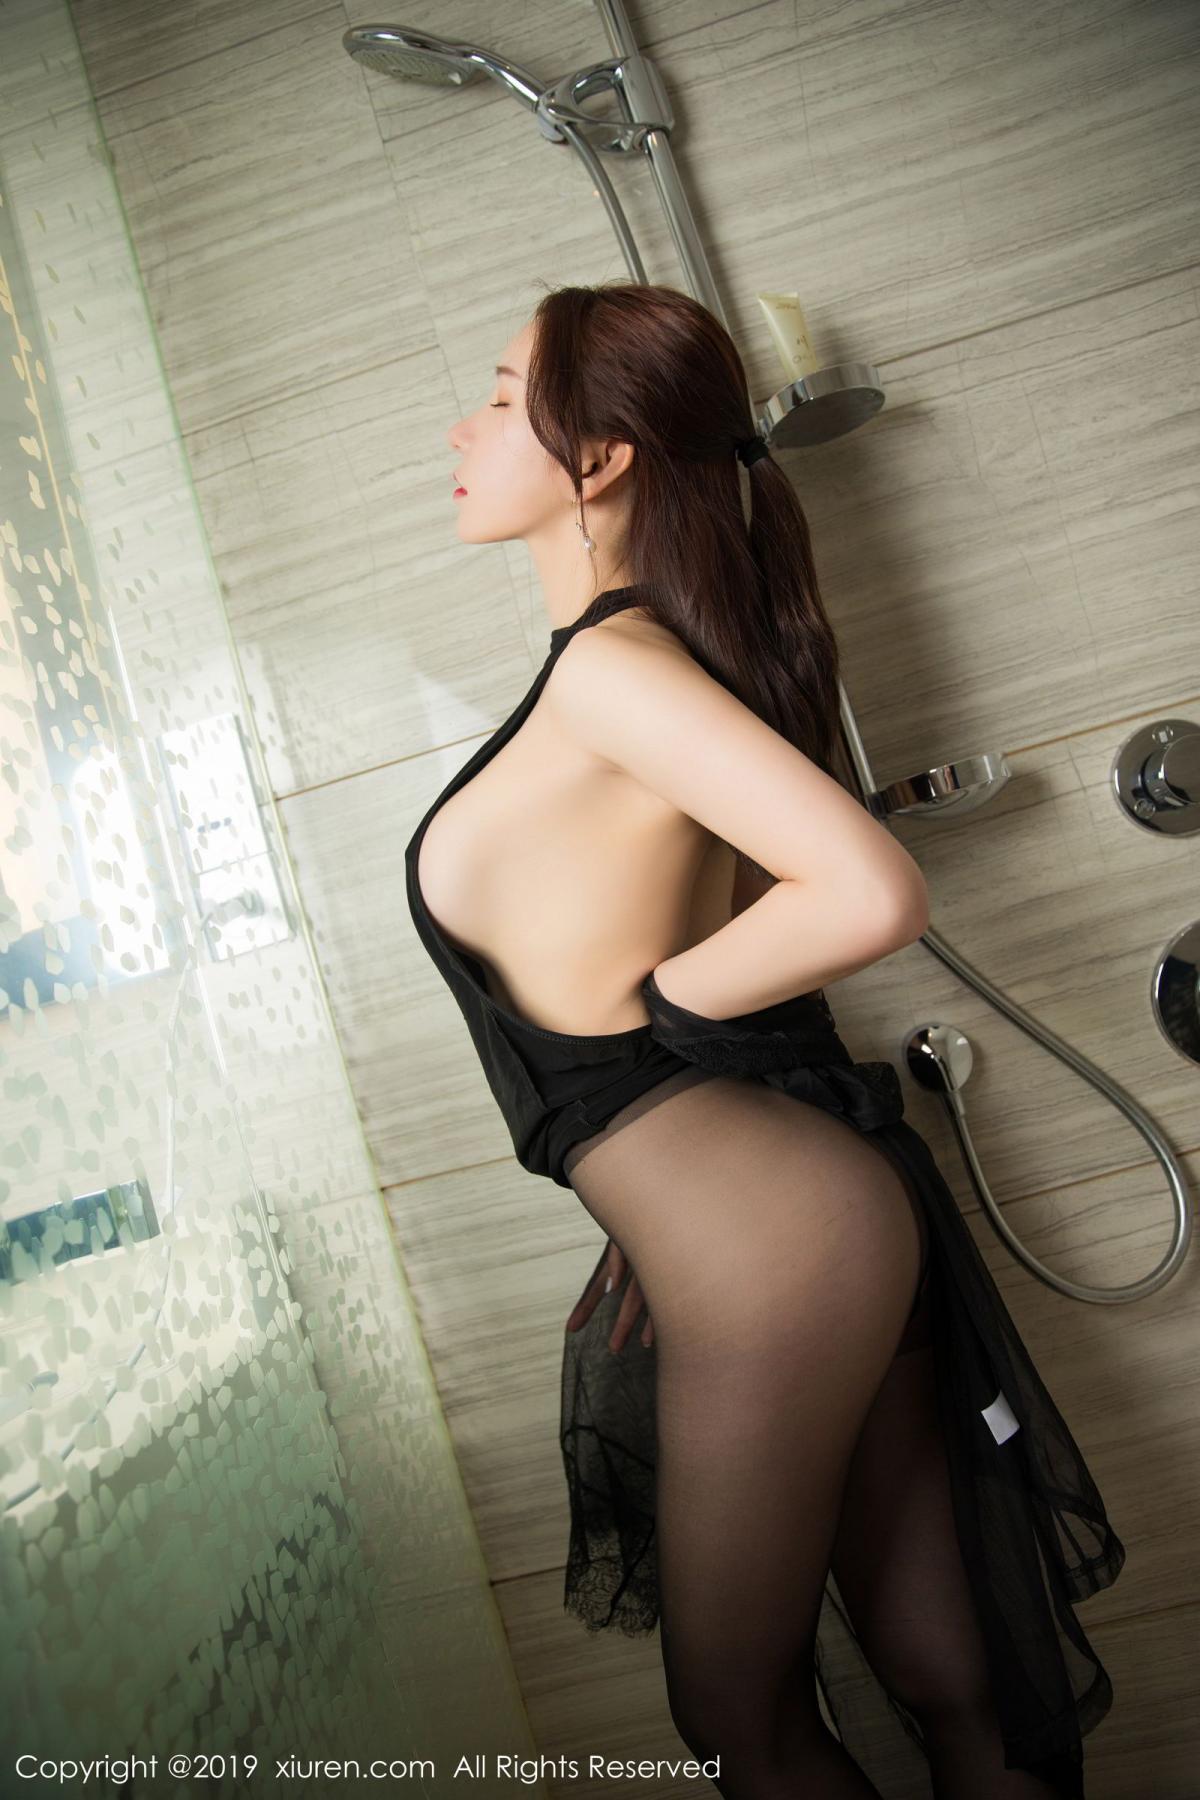 [XiuRen] Vol.1556 Zhou Yu Xi 35P, Bathroom, Black Silk, Tall, Underwear, Xiuren, Zhou Yu Xi